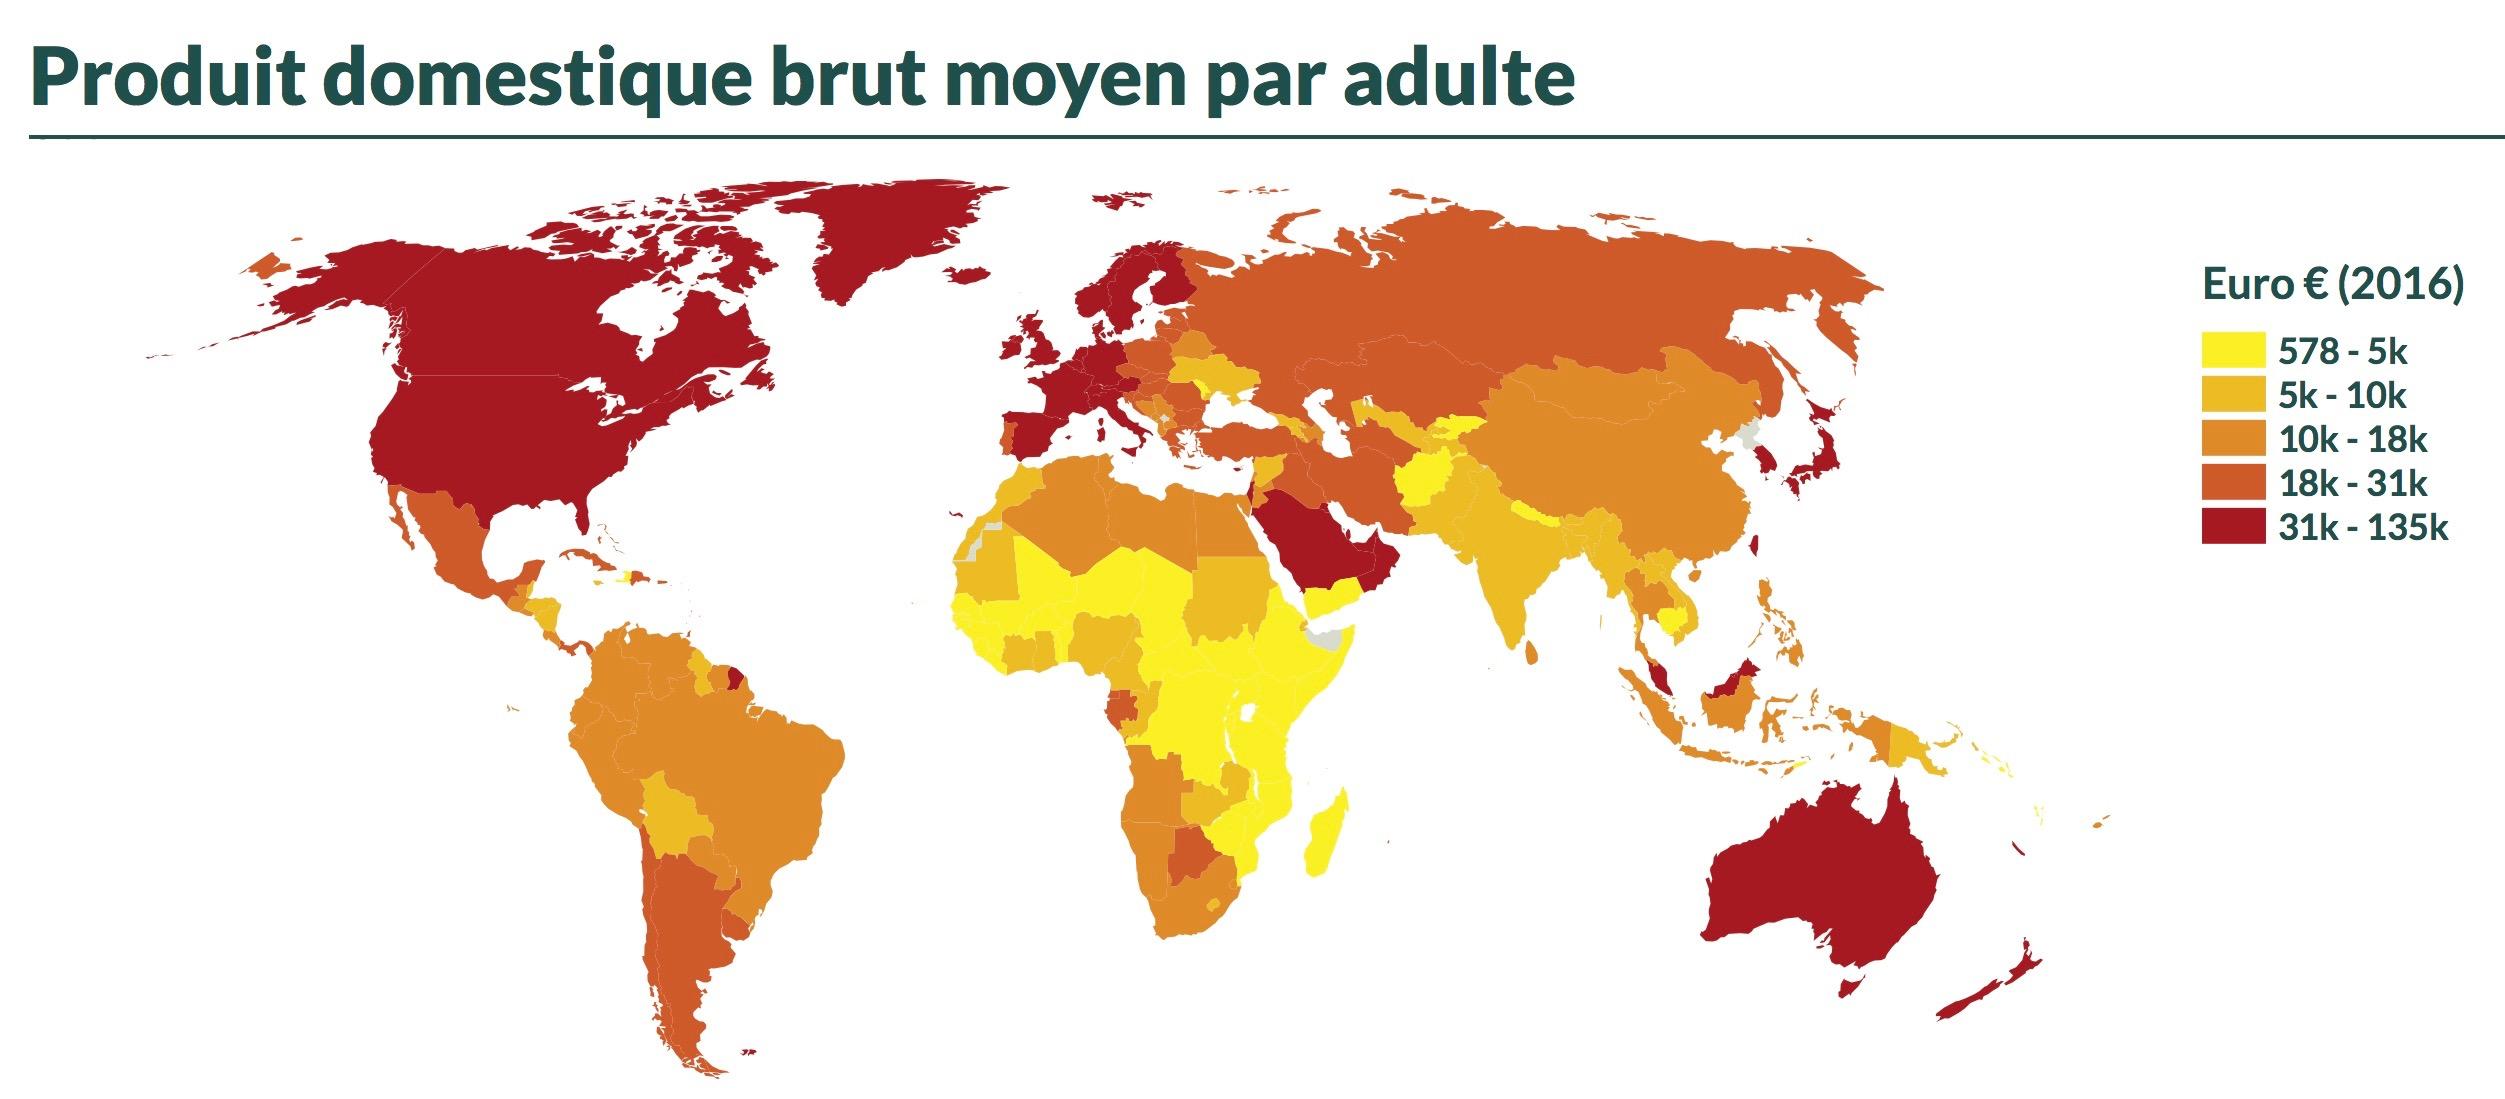 Richesse Et Pauvrete Dans Le Monde Page 2 Blog Histoire Geo